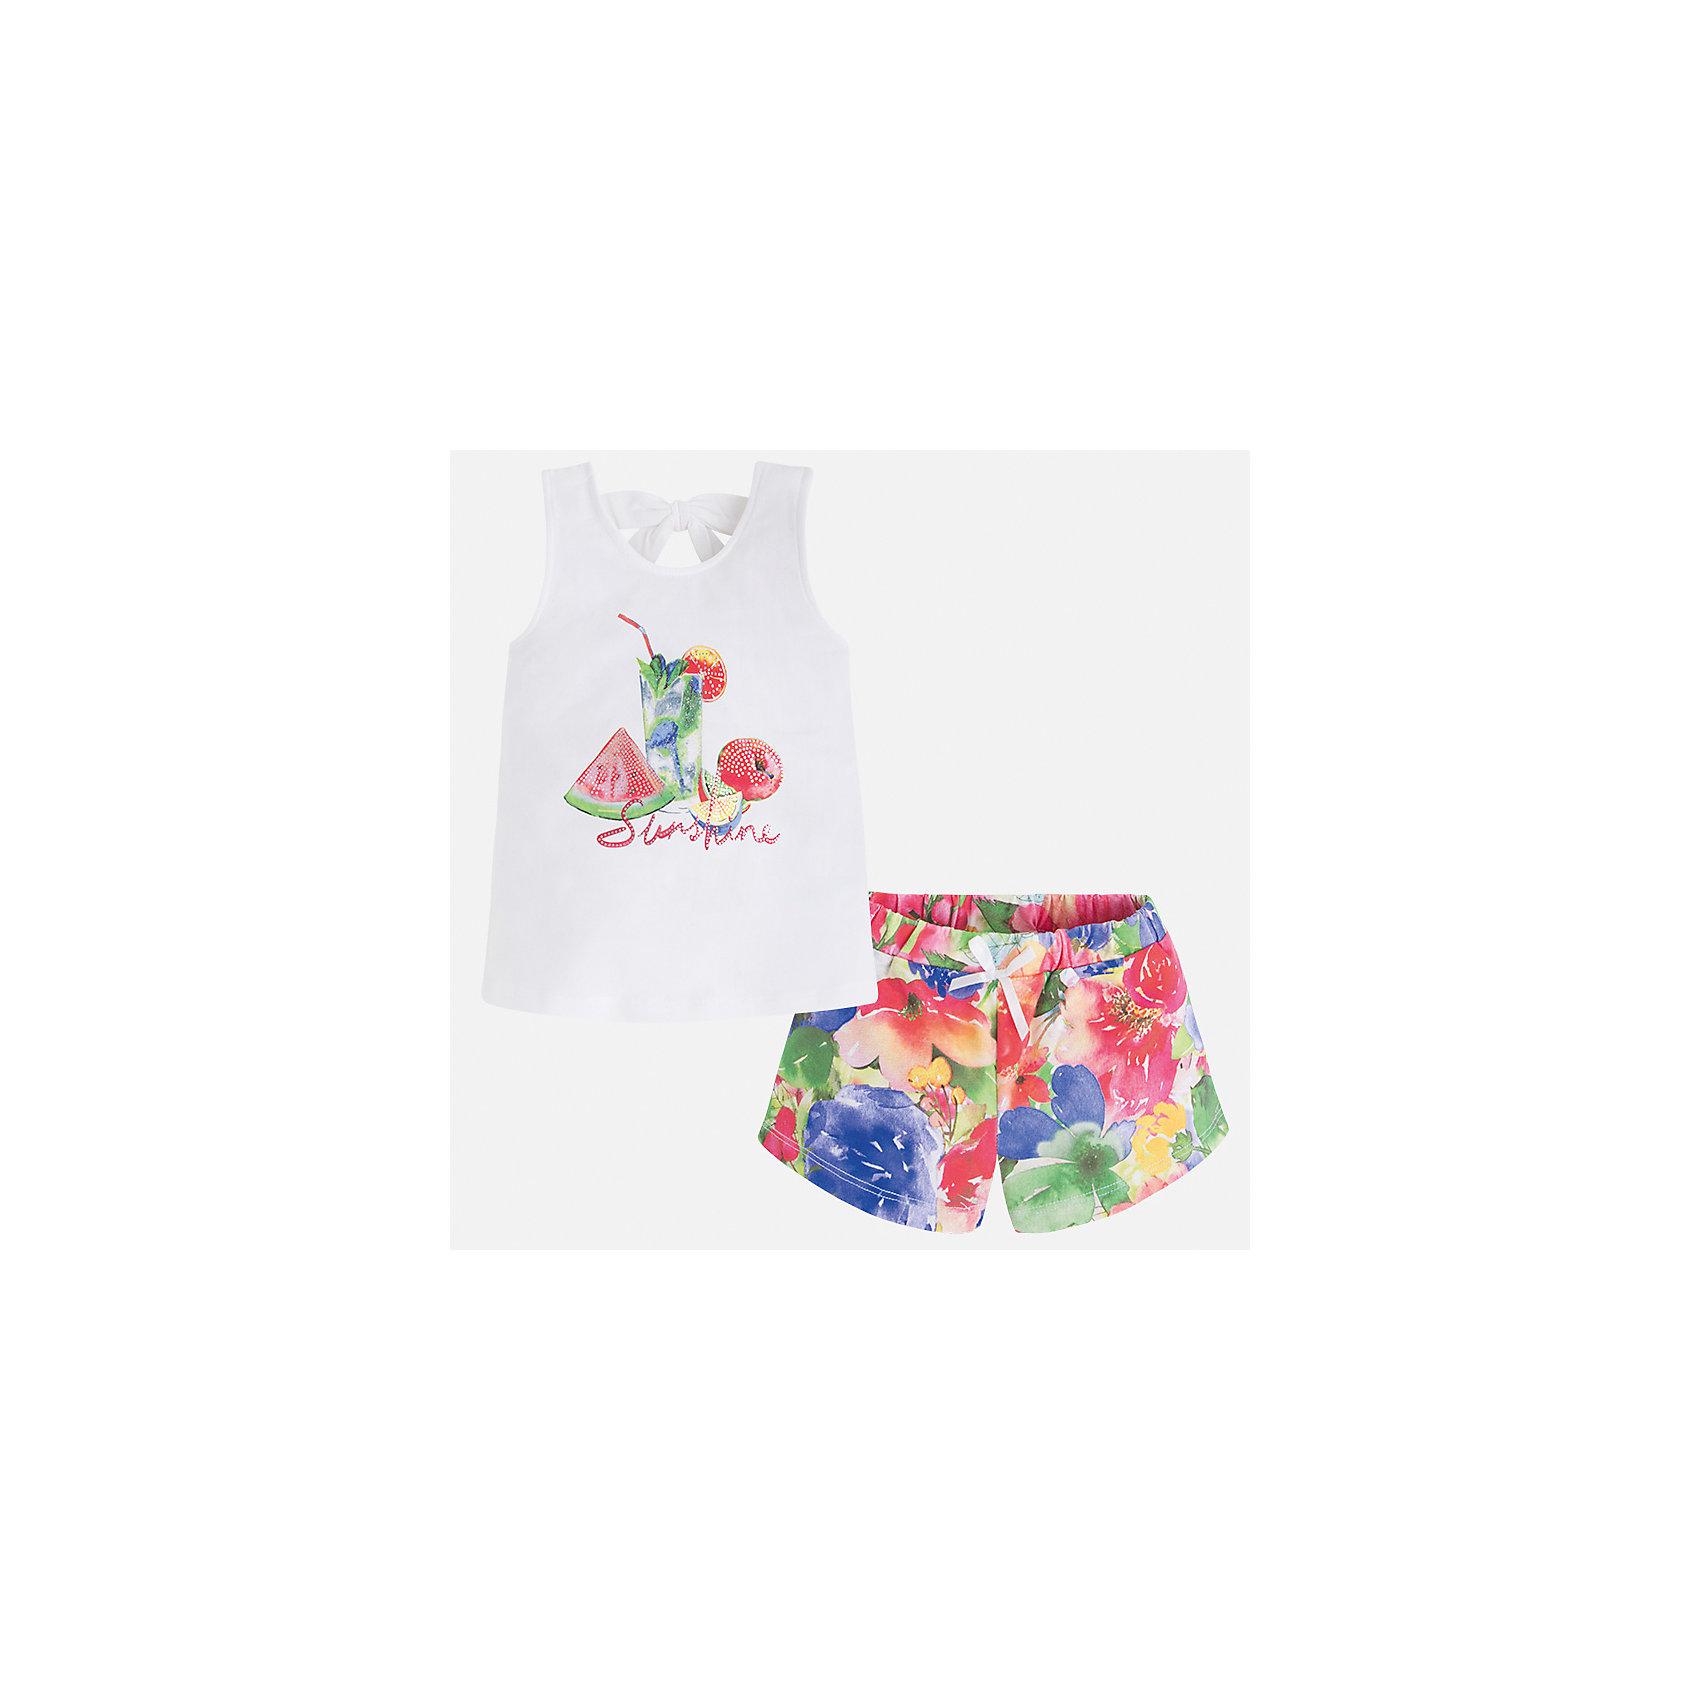 Комплект: футболка и шорты для девочки MayoralВесенняя капель<br>Характеристики товара:<br><br>• цвет: белый/мультиколор<br>• состав: текстиль<br>• комплектация: майка, шорты<br>• майка декорирована принтом<br>• шорты из материала с принтом<br>• пояс на резинке<br>• страна бренда: Испания<br><br>Стильный качественный комплект для девочки поможет разнообразить гардероб ребенка и удобно одеться в теплую погоду. Он отлично сочетается с другими предметами. Универсальный цвет позволяет подобрать к вещам верхнюю одежду практически любой расцветки. Интересная отделка модели делает её нарядной и оригинальной. В составе материала - натуральный хлопок, гипоаллергенный, приятный на ощупь, дышащий.<br><br>Одежда, обувь и аксессуары от испанского бренда Mayoral полюбились детям и взрослым по всему миру. Модели этой марки - стильные и удобные. Для их производства используются только безопасные, качественные материалы и фурнитура. Порадуйте ребенка модными и красивыми вещами от Mayoral! <br><br>Комплект для девочки от испанского бренда Mayoral (Майорал) можно купить в нашем интернет-магазине.<br><br>Ширина мм: 191<br>Глубина мм: 10<br>Высота мм: 175<br>Вес г: 273<br>Цвет: красный<br>Возраст от месяцев: 96<br>Возраст до месяцев: 108<br>Пол: Женский<br>Возраст: Детский<br>Размер: 134,92,98,104,110,116,122,128<br>SKU: 5289902